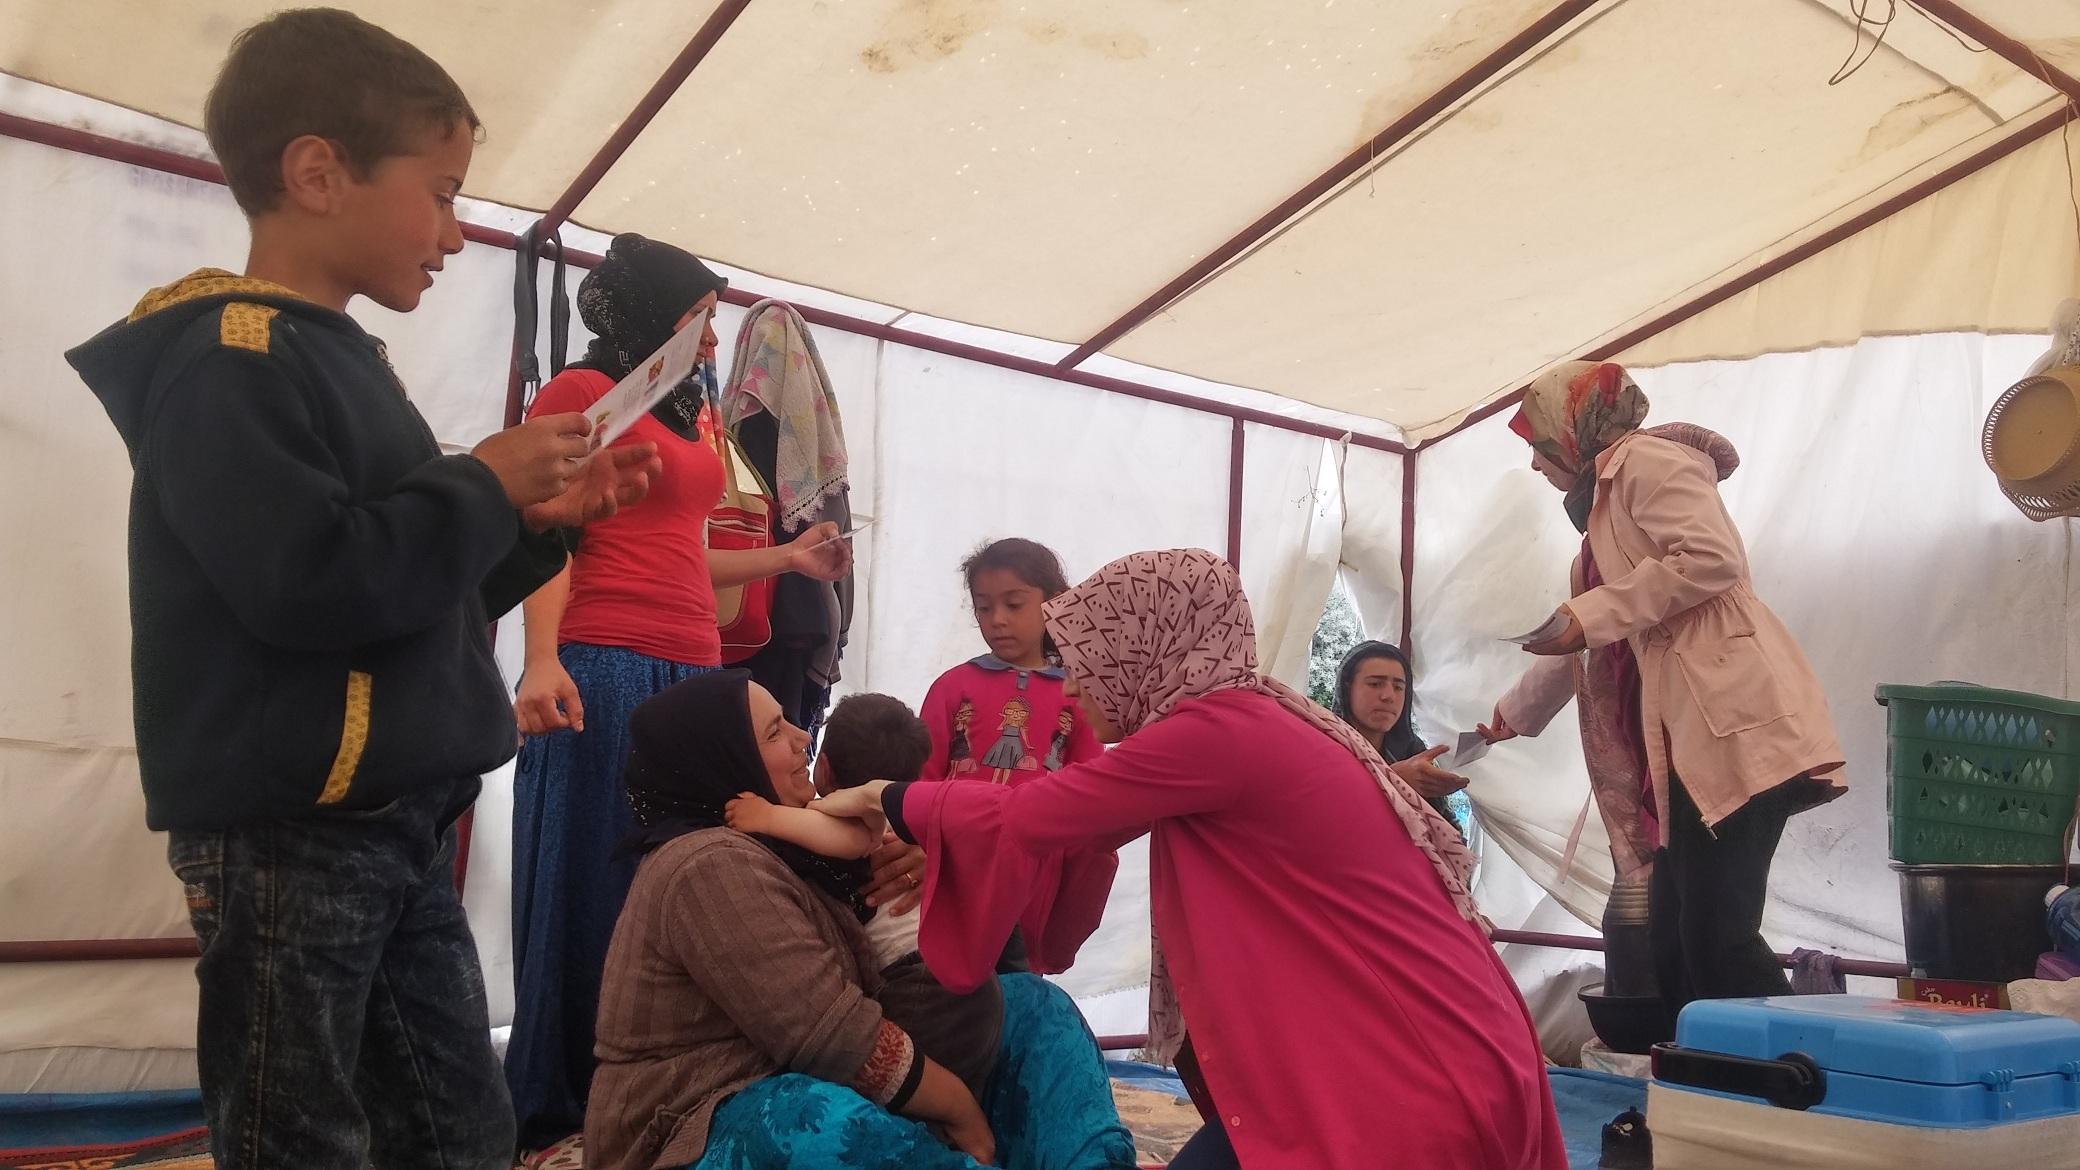 Mevsimlik işçilere mobil sağlık taraması